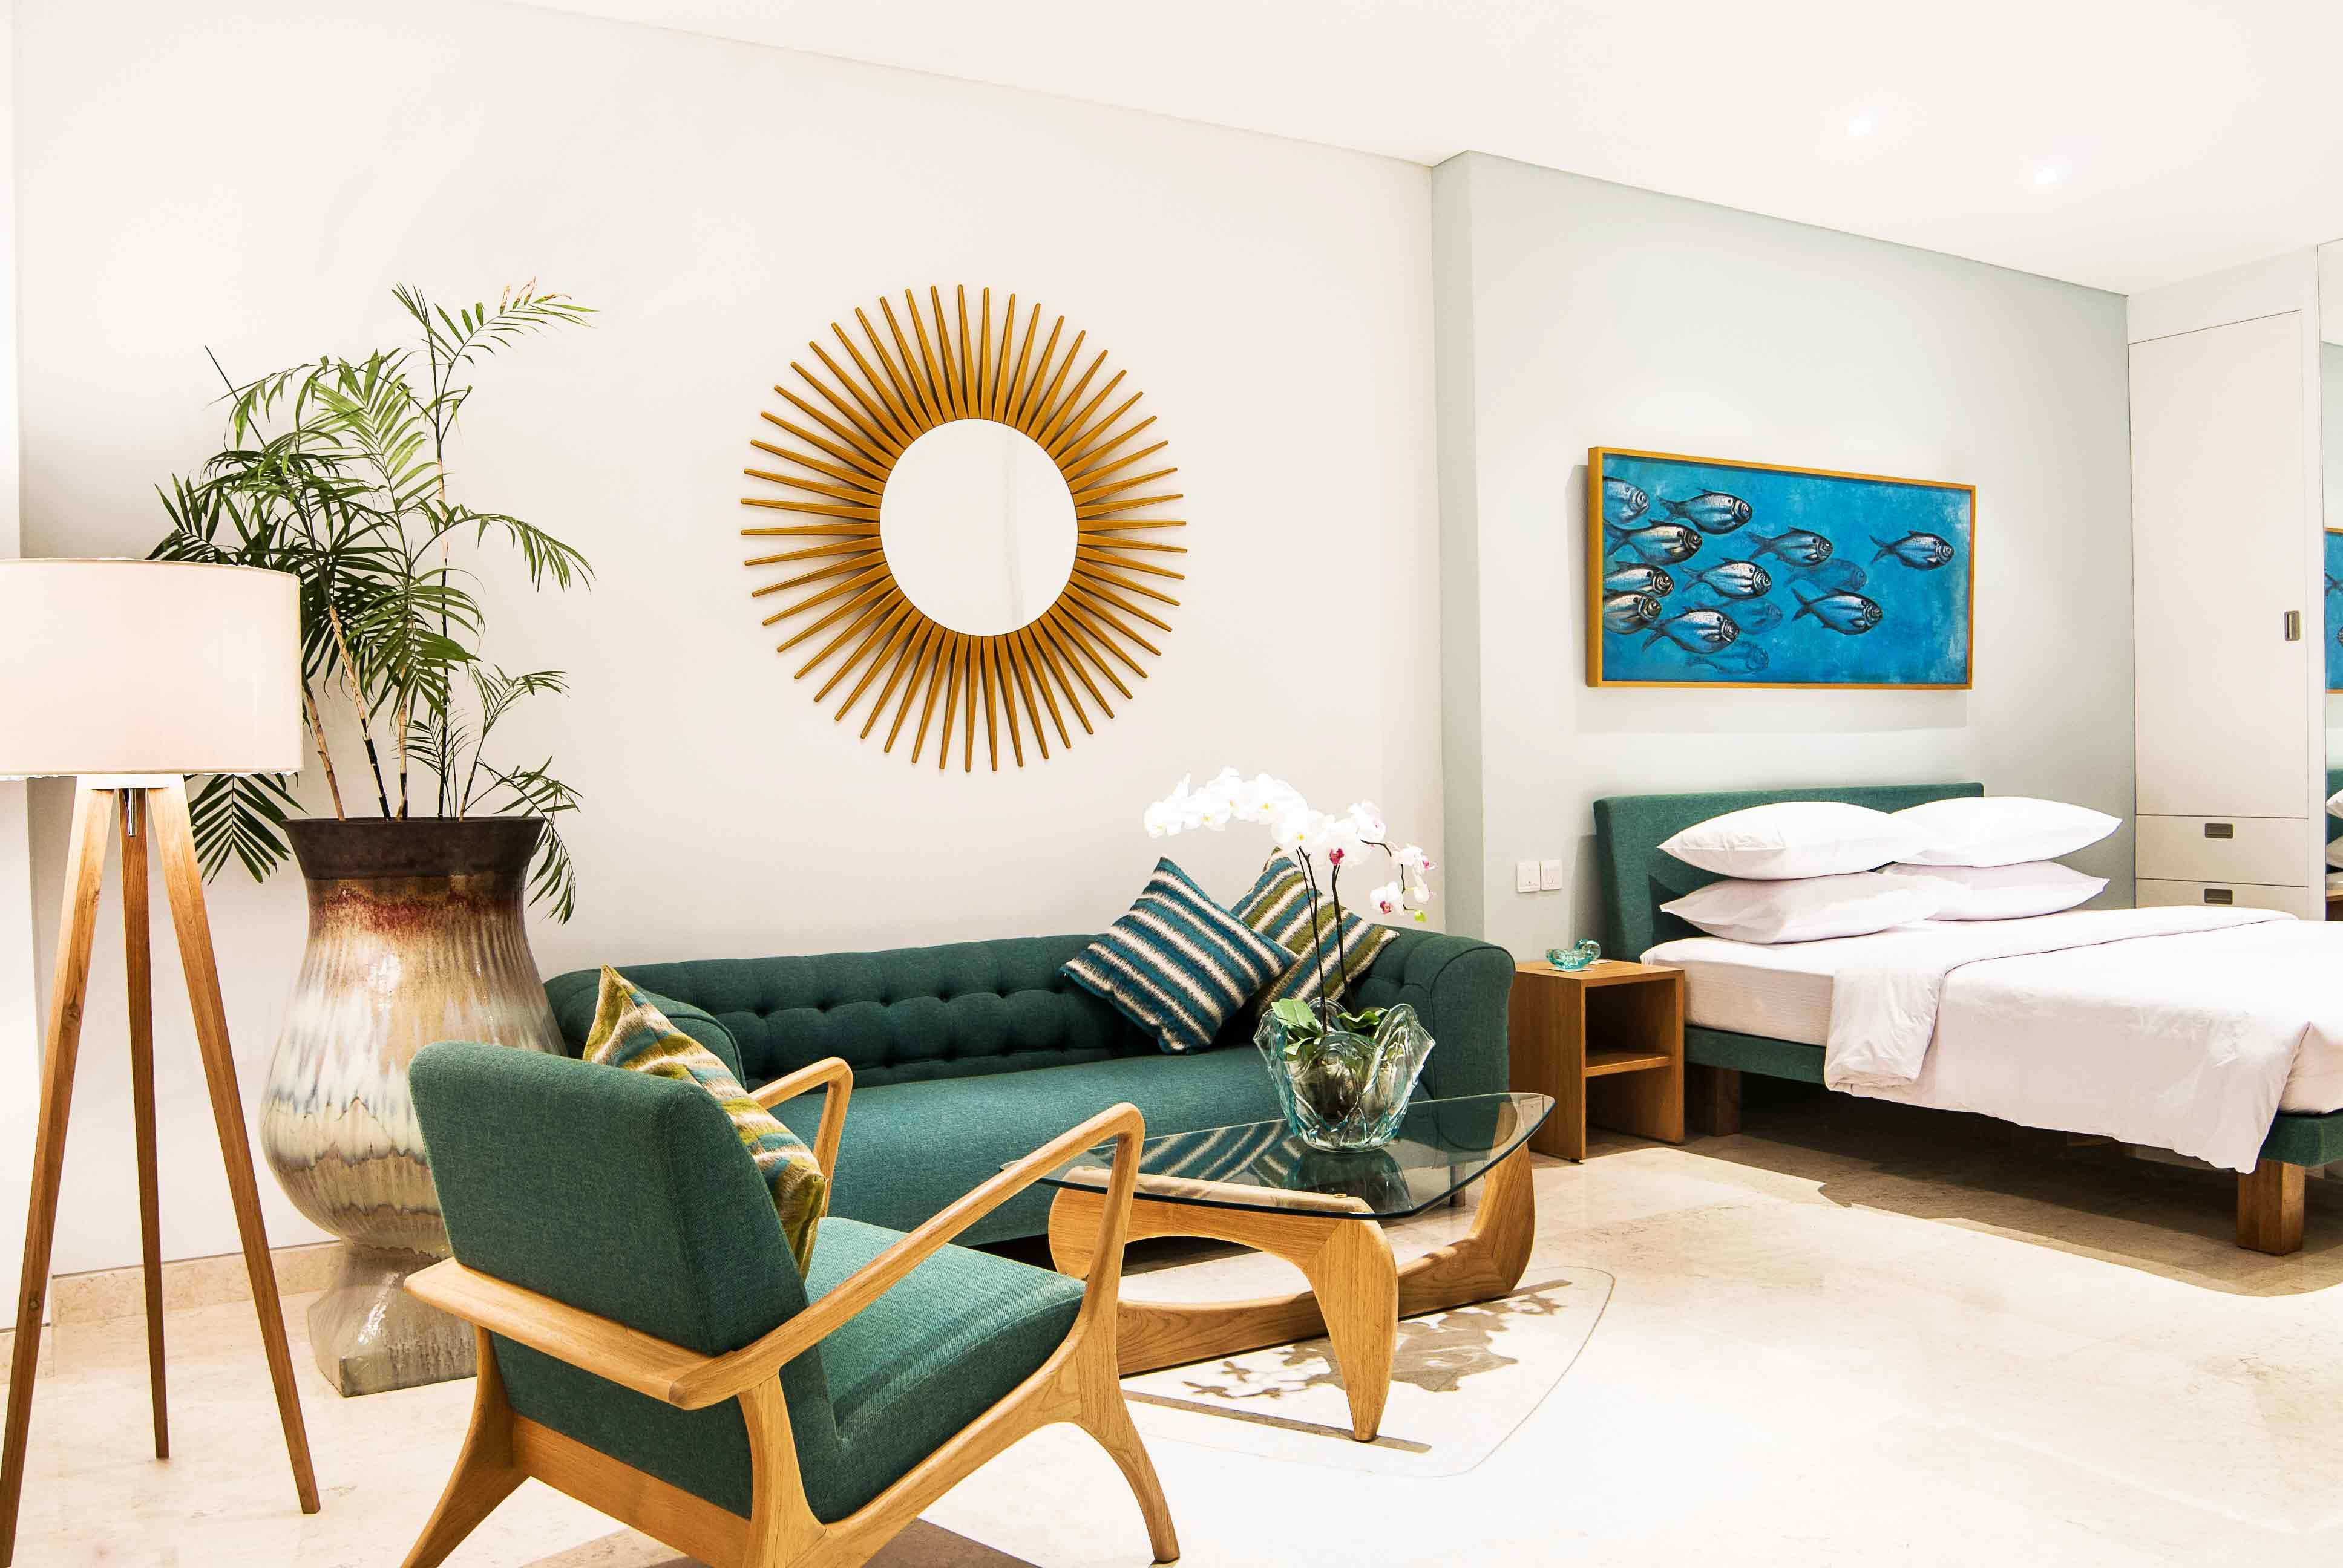 Современный дизайн квартиры студии 40 кв.м не предполагает использования большого количества ярких цветов, лучше всего делать небольшие акценты